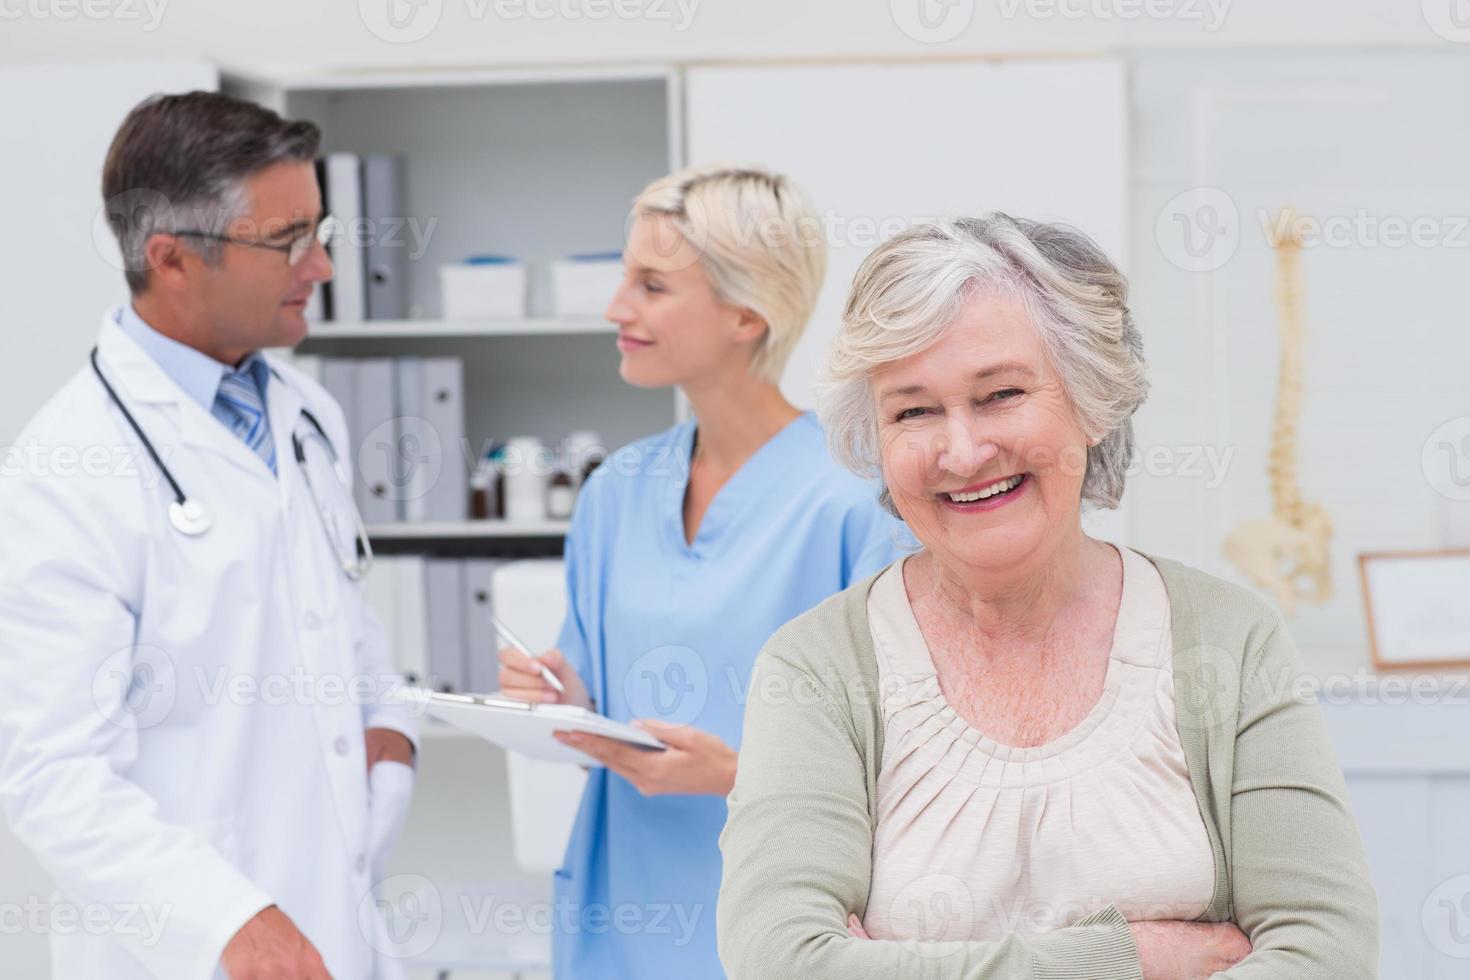 paciente sorrindo enquanto médico e enfermeira discutindo em segundo plano foto